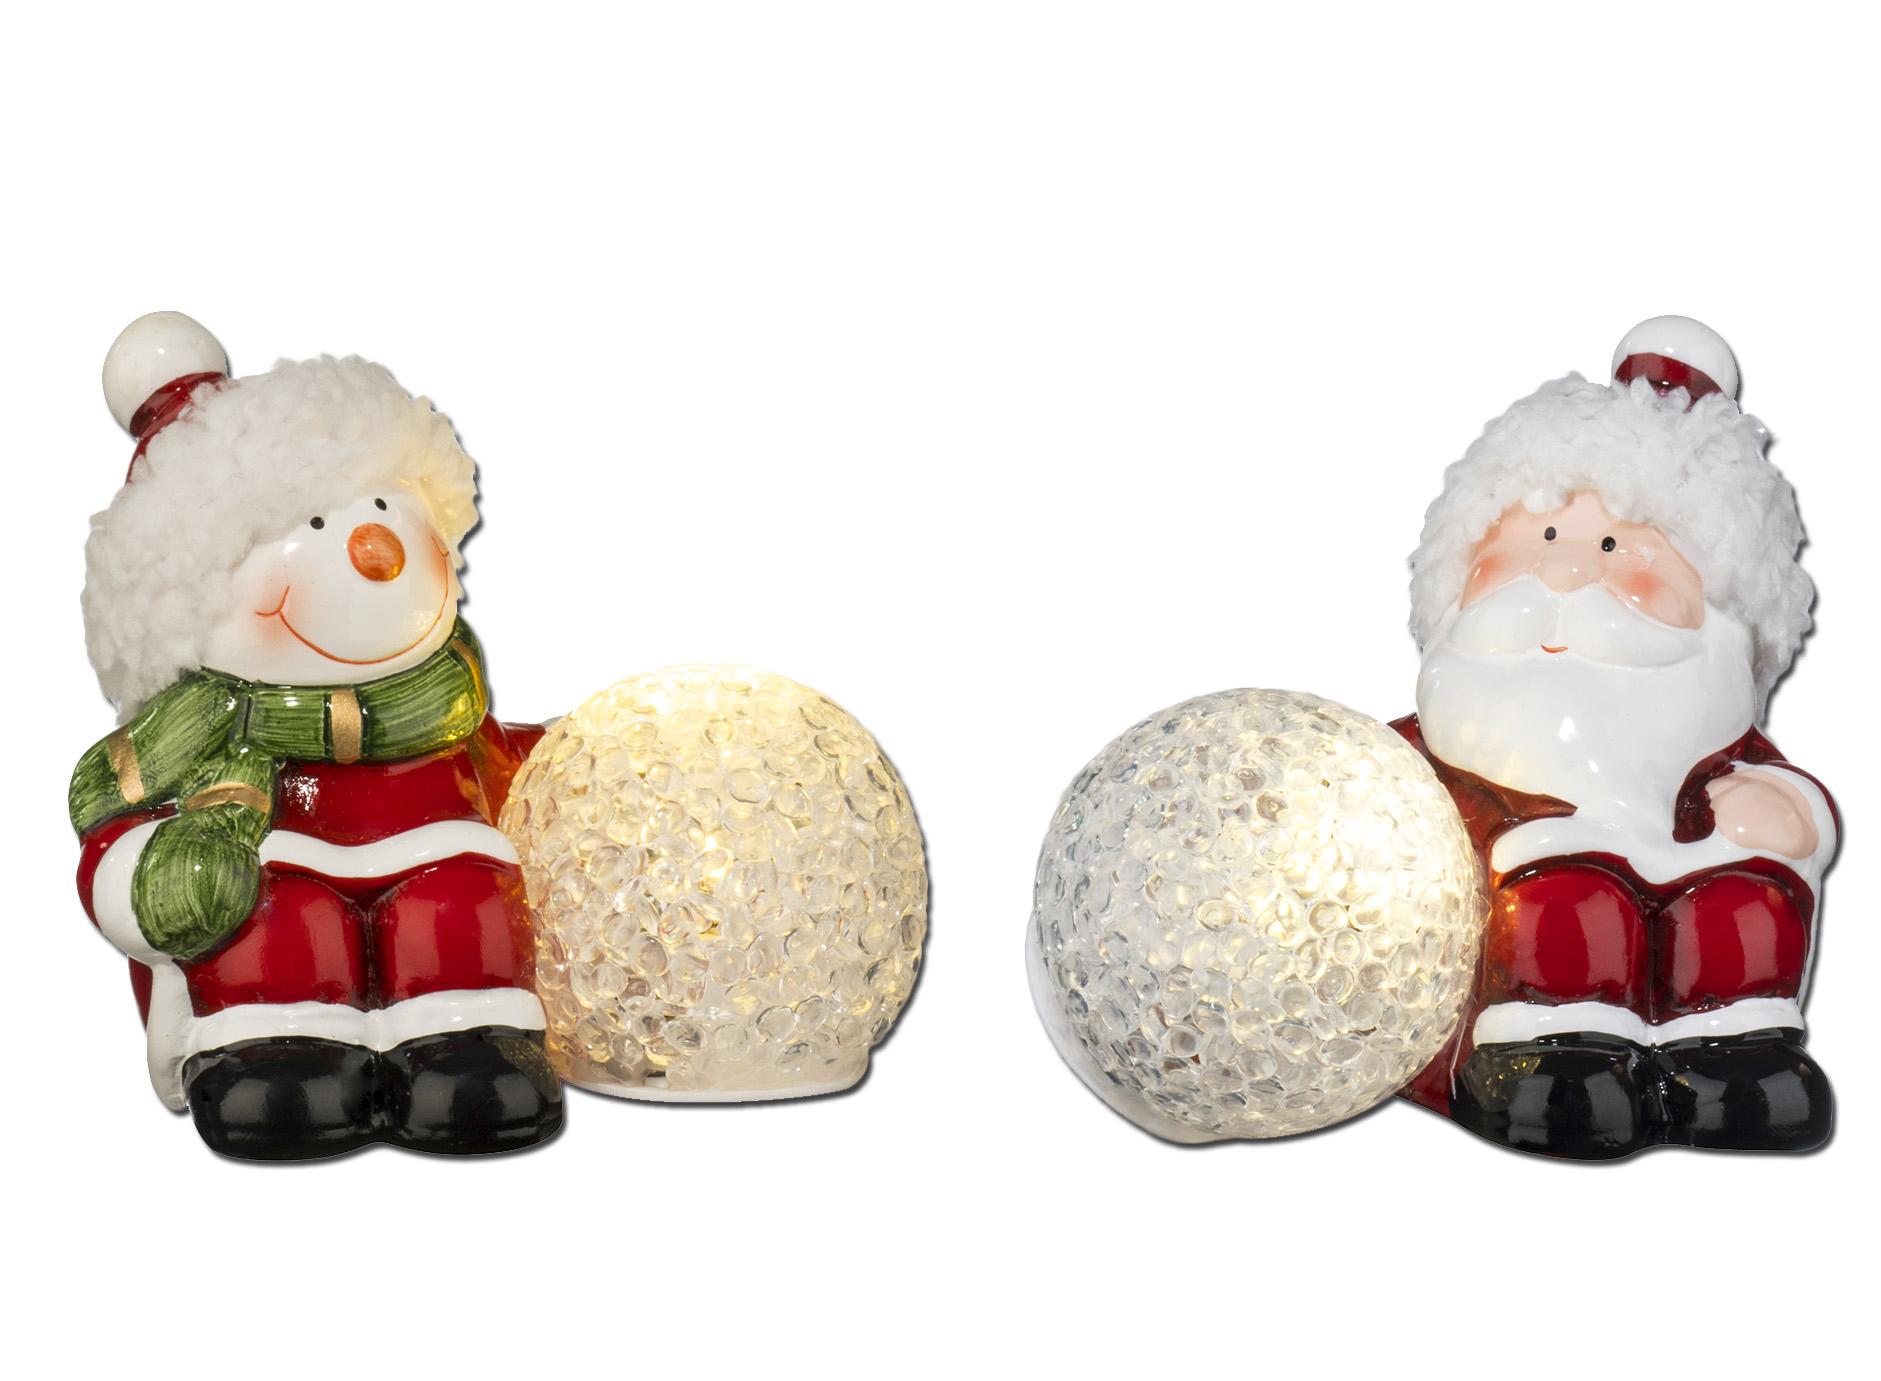 2 weihnachts figuren mit led ball weihnachten schenken shop der lebenshilfe. Black Bedroom Furniture Sets. Home Design Ideas